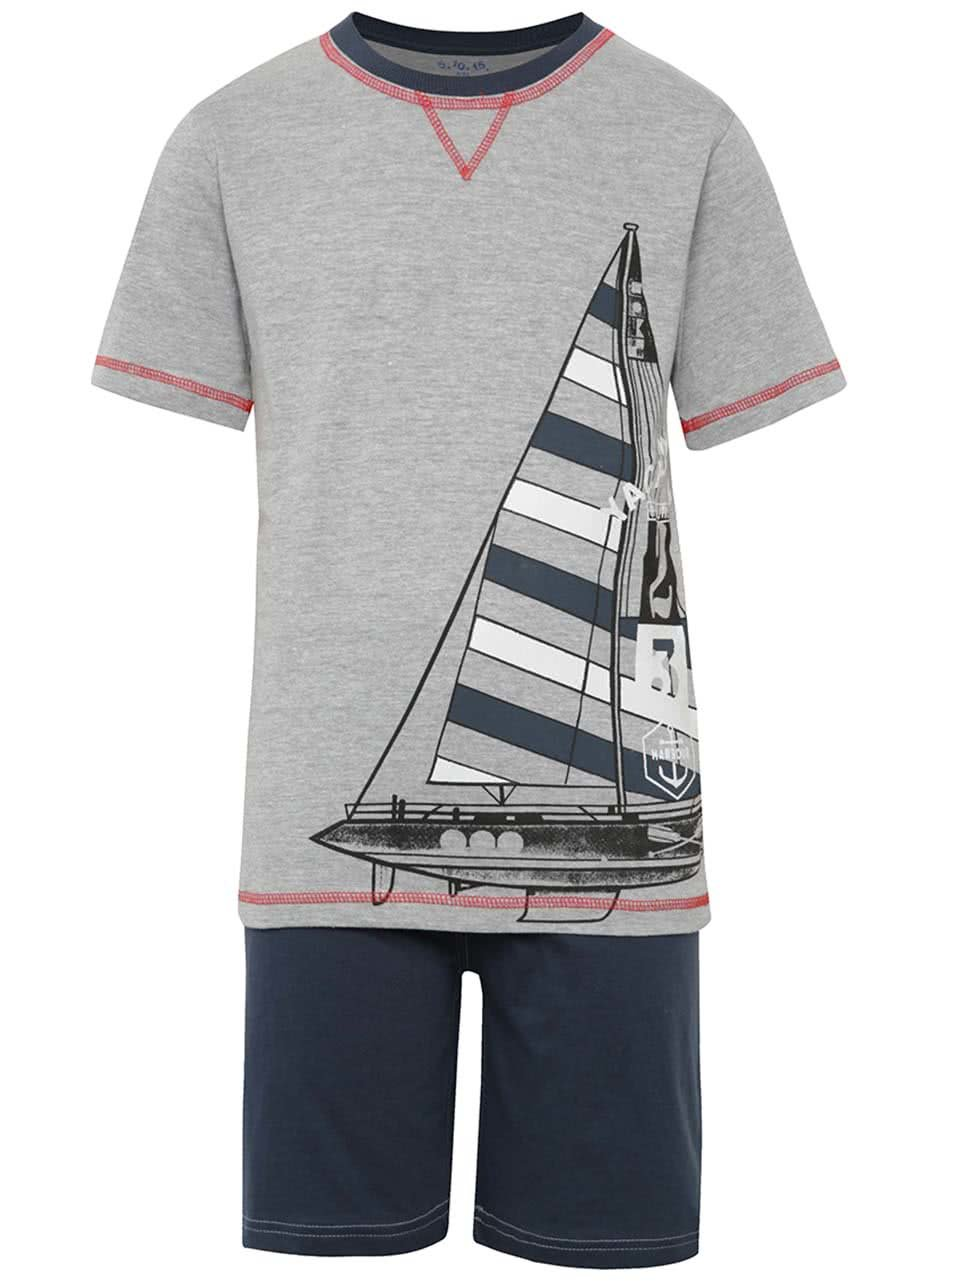 Modro-šedé klučičí pyžamo s motivem plachetnice 5.10.15.